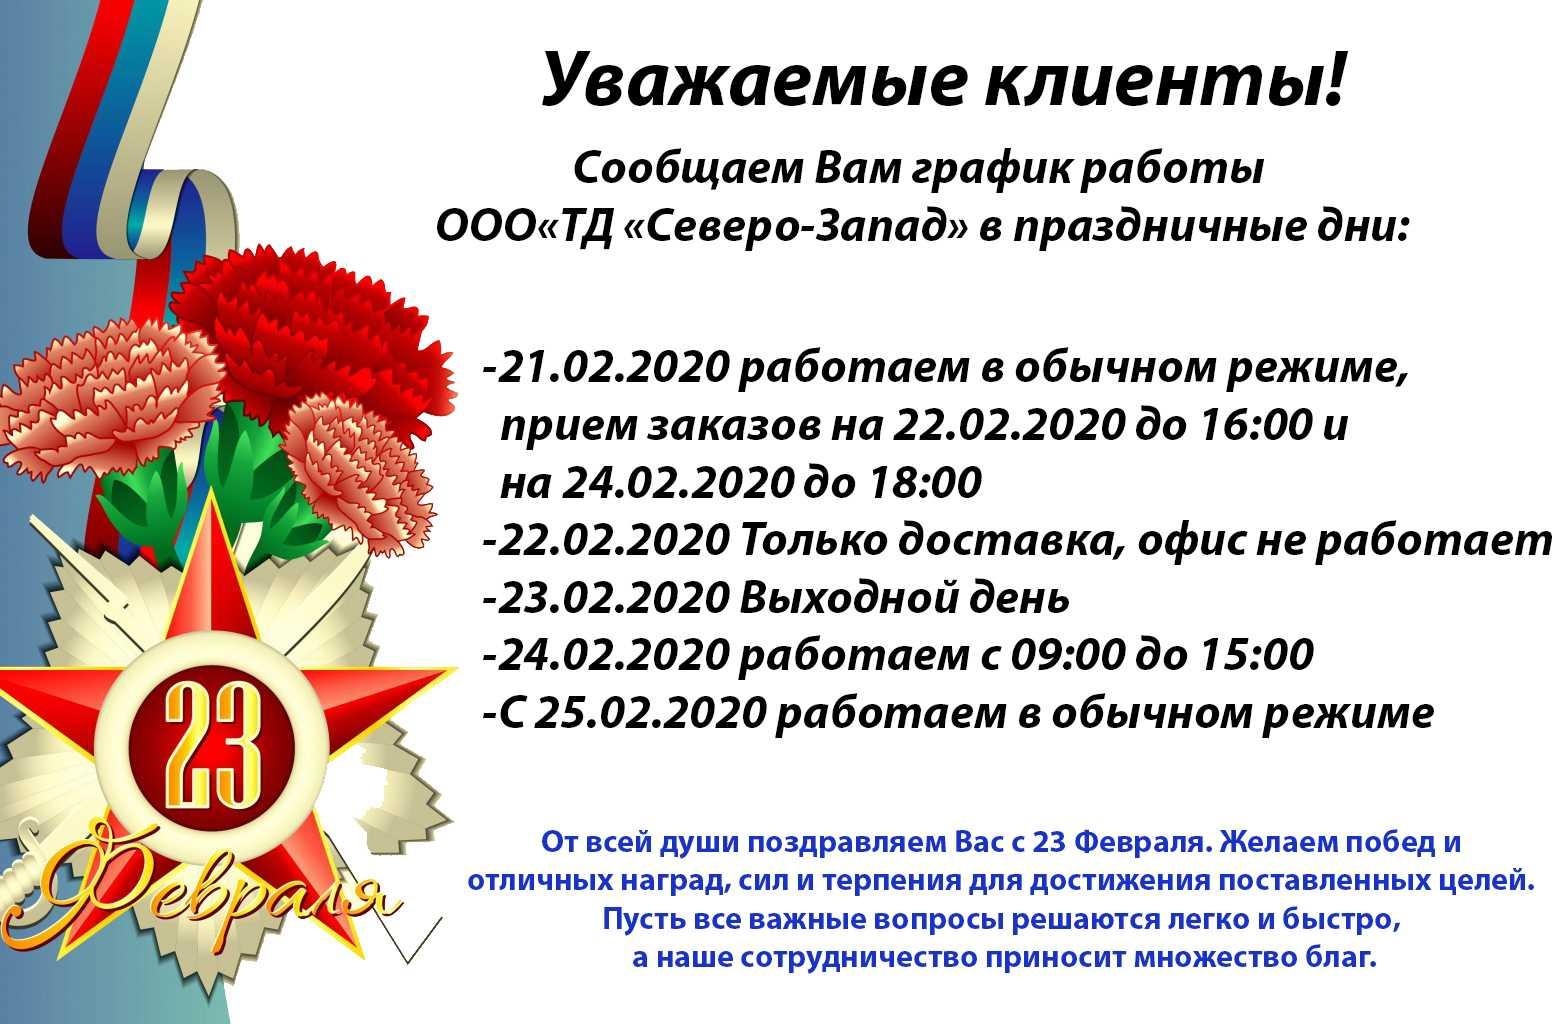 Сообщаем Вам график работы ООО«ТД «Северо-Запад» в праздничные дни